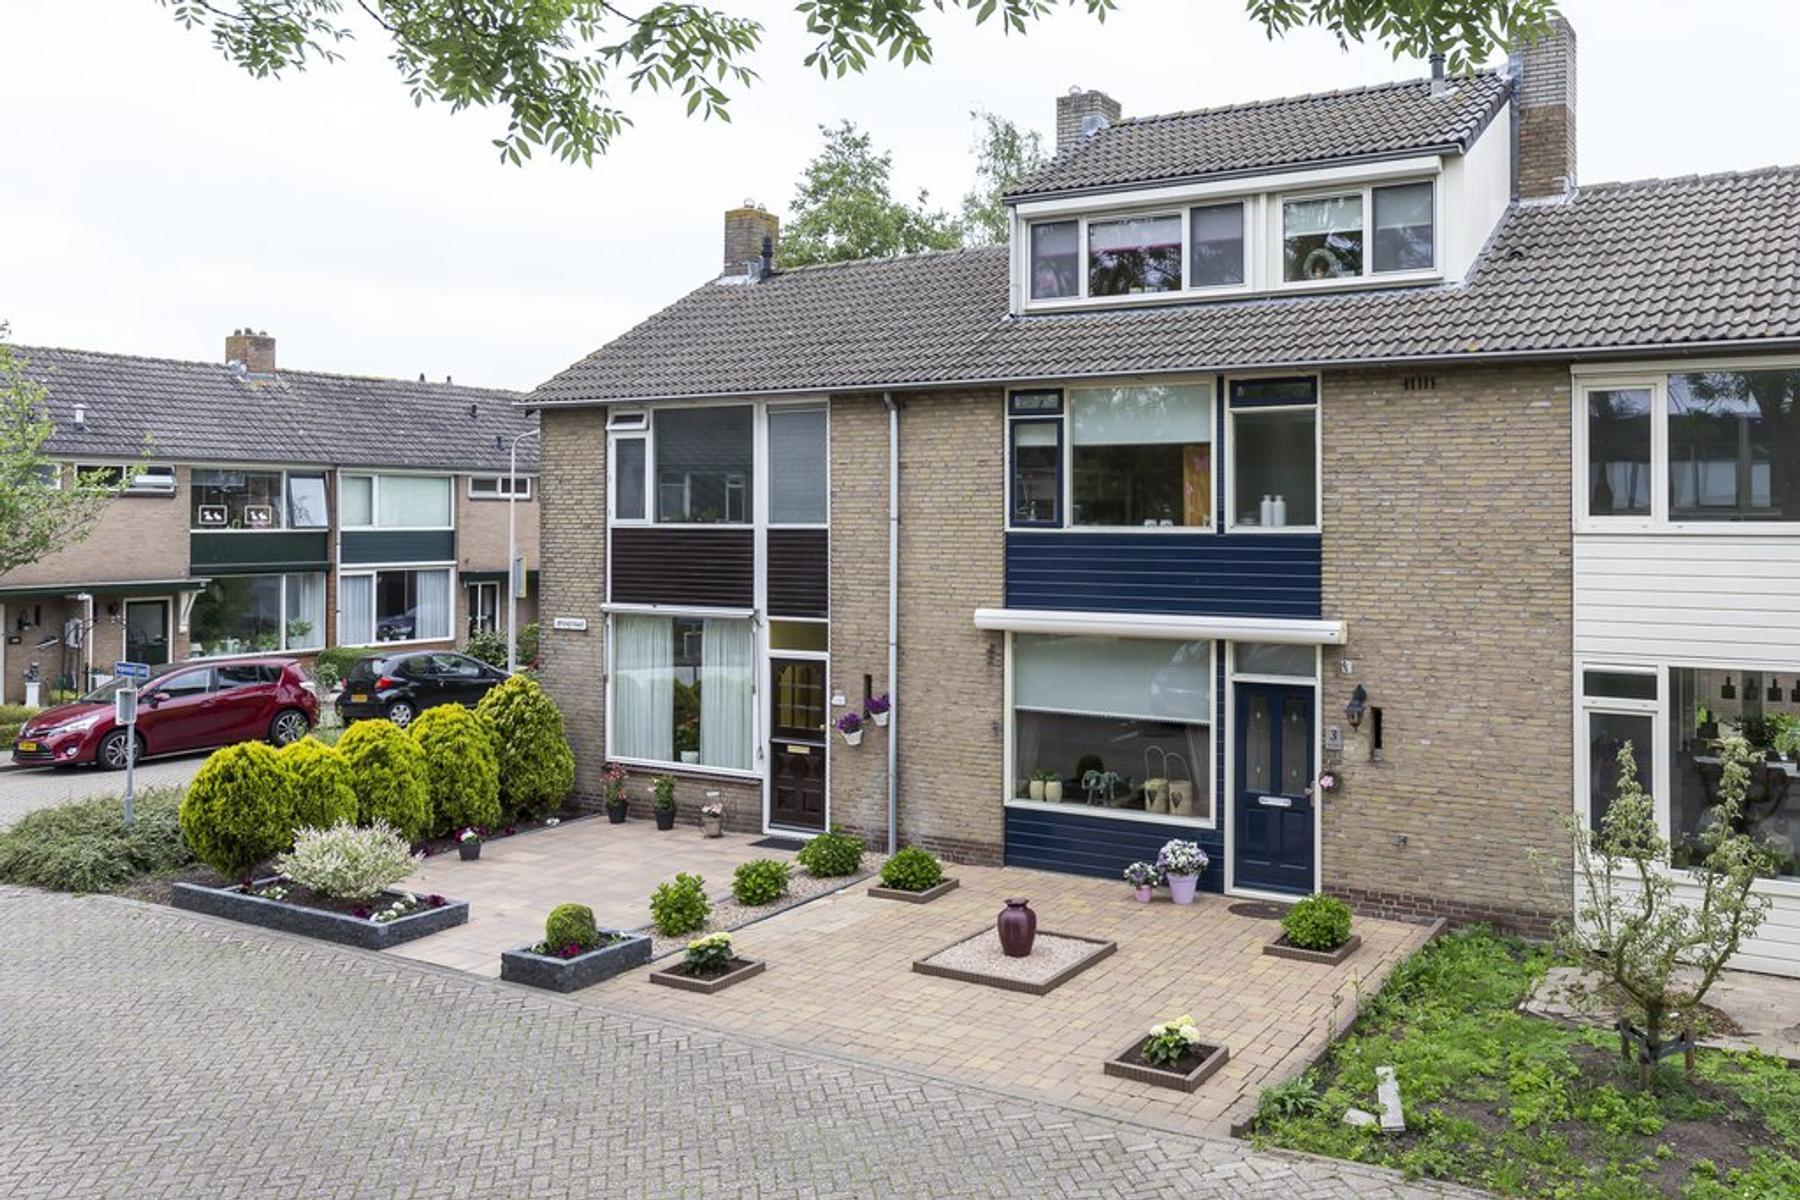 Iepenstraat 3 in Nieuwkoop 2421 VW